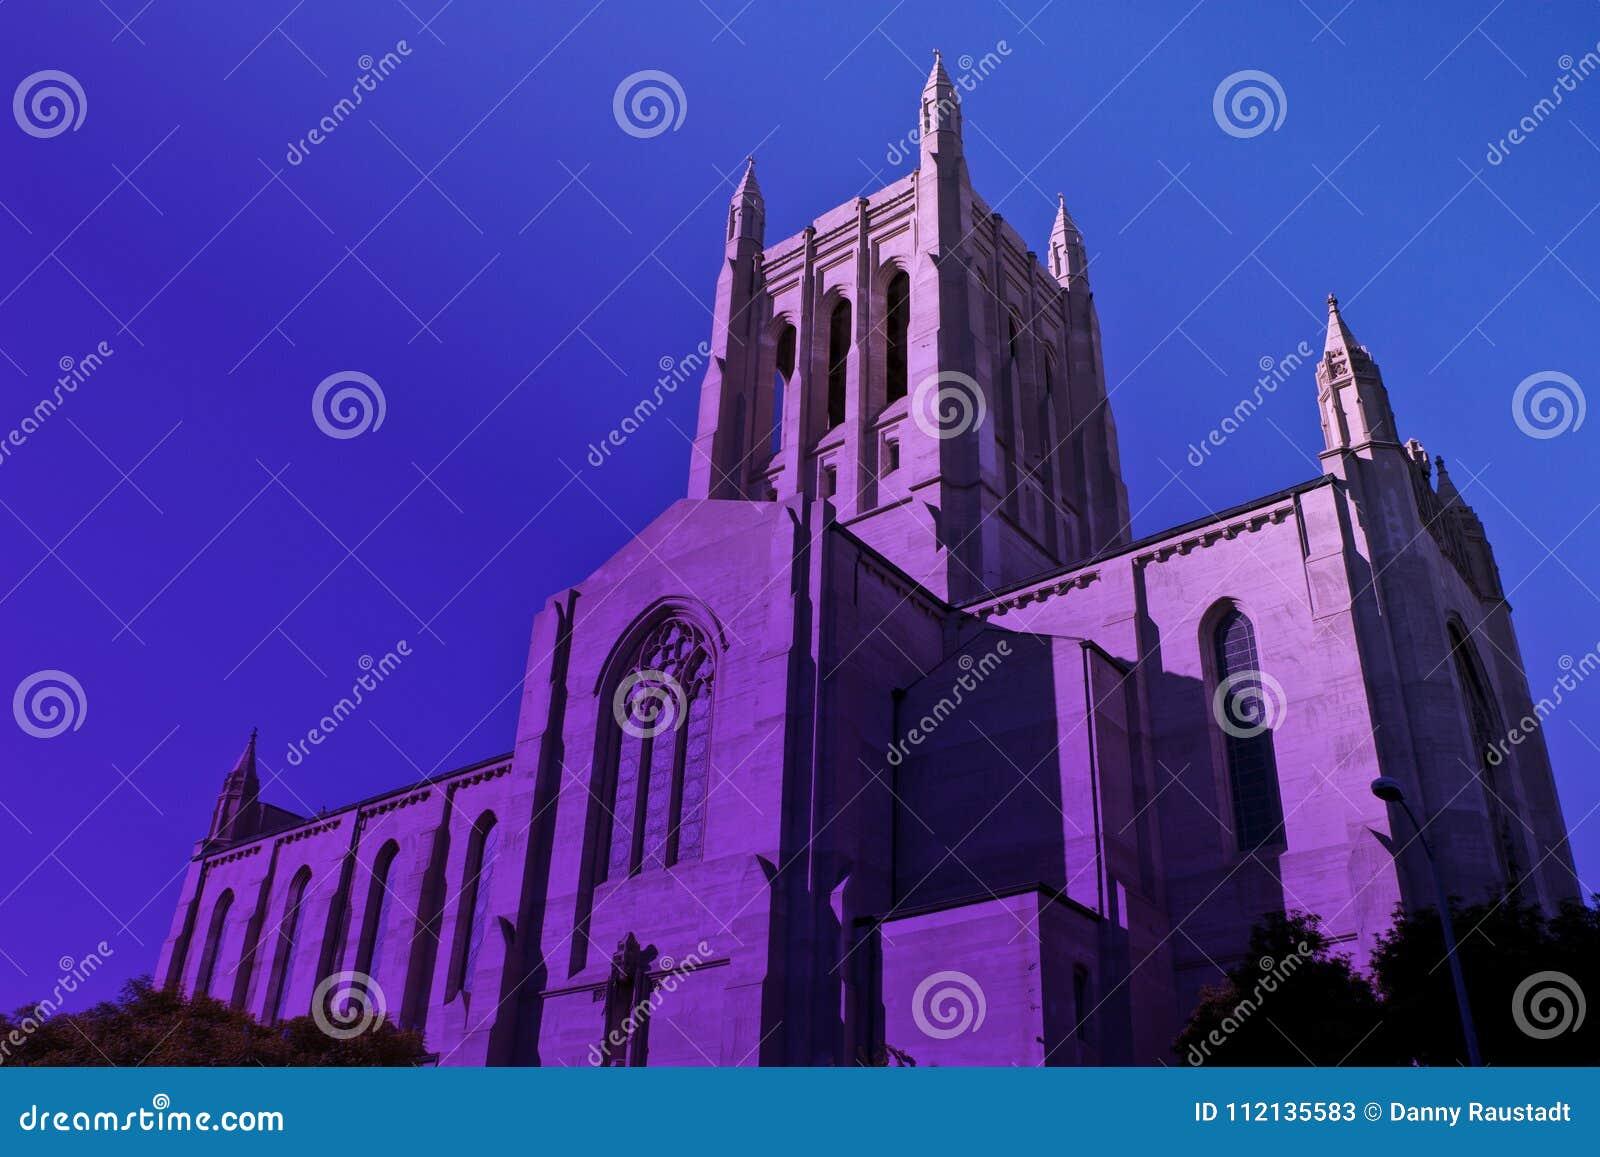 Iglesia católica céntrica alta de Los Ángeles en la neblina púrpura crepuscular